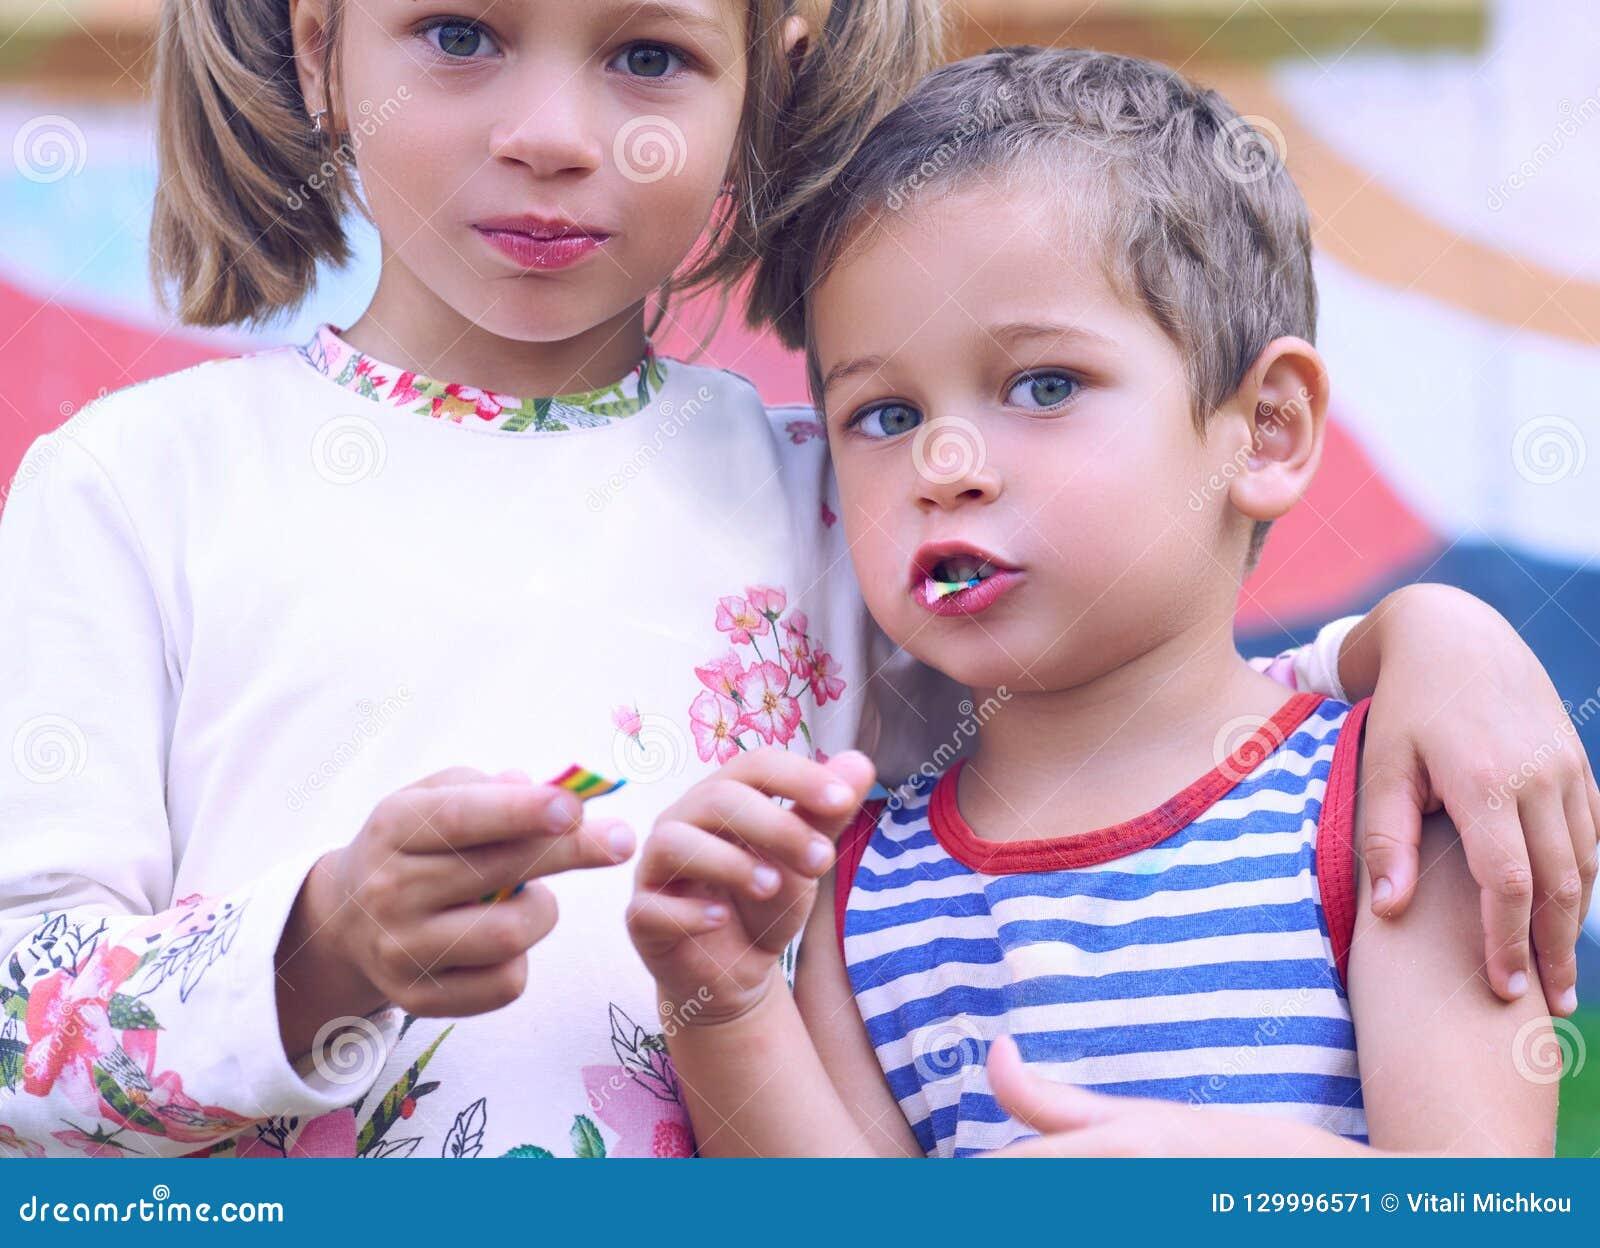 Kleiner kaukasischer Junge und ein Kaugummi des Mädchens bei der Stellung auf dem Spielplatzarm im Arm Bild von den glücklichen F